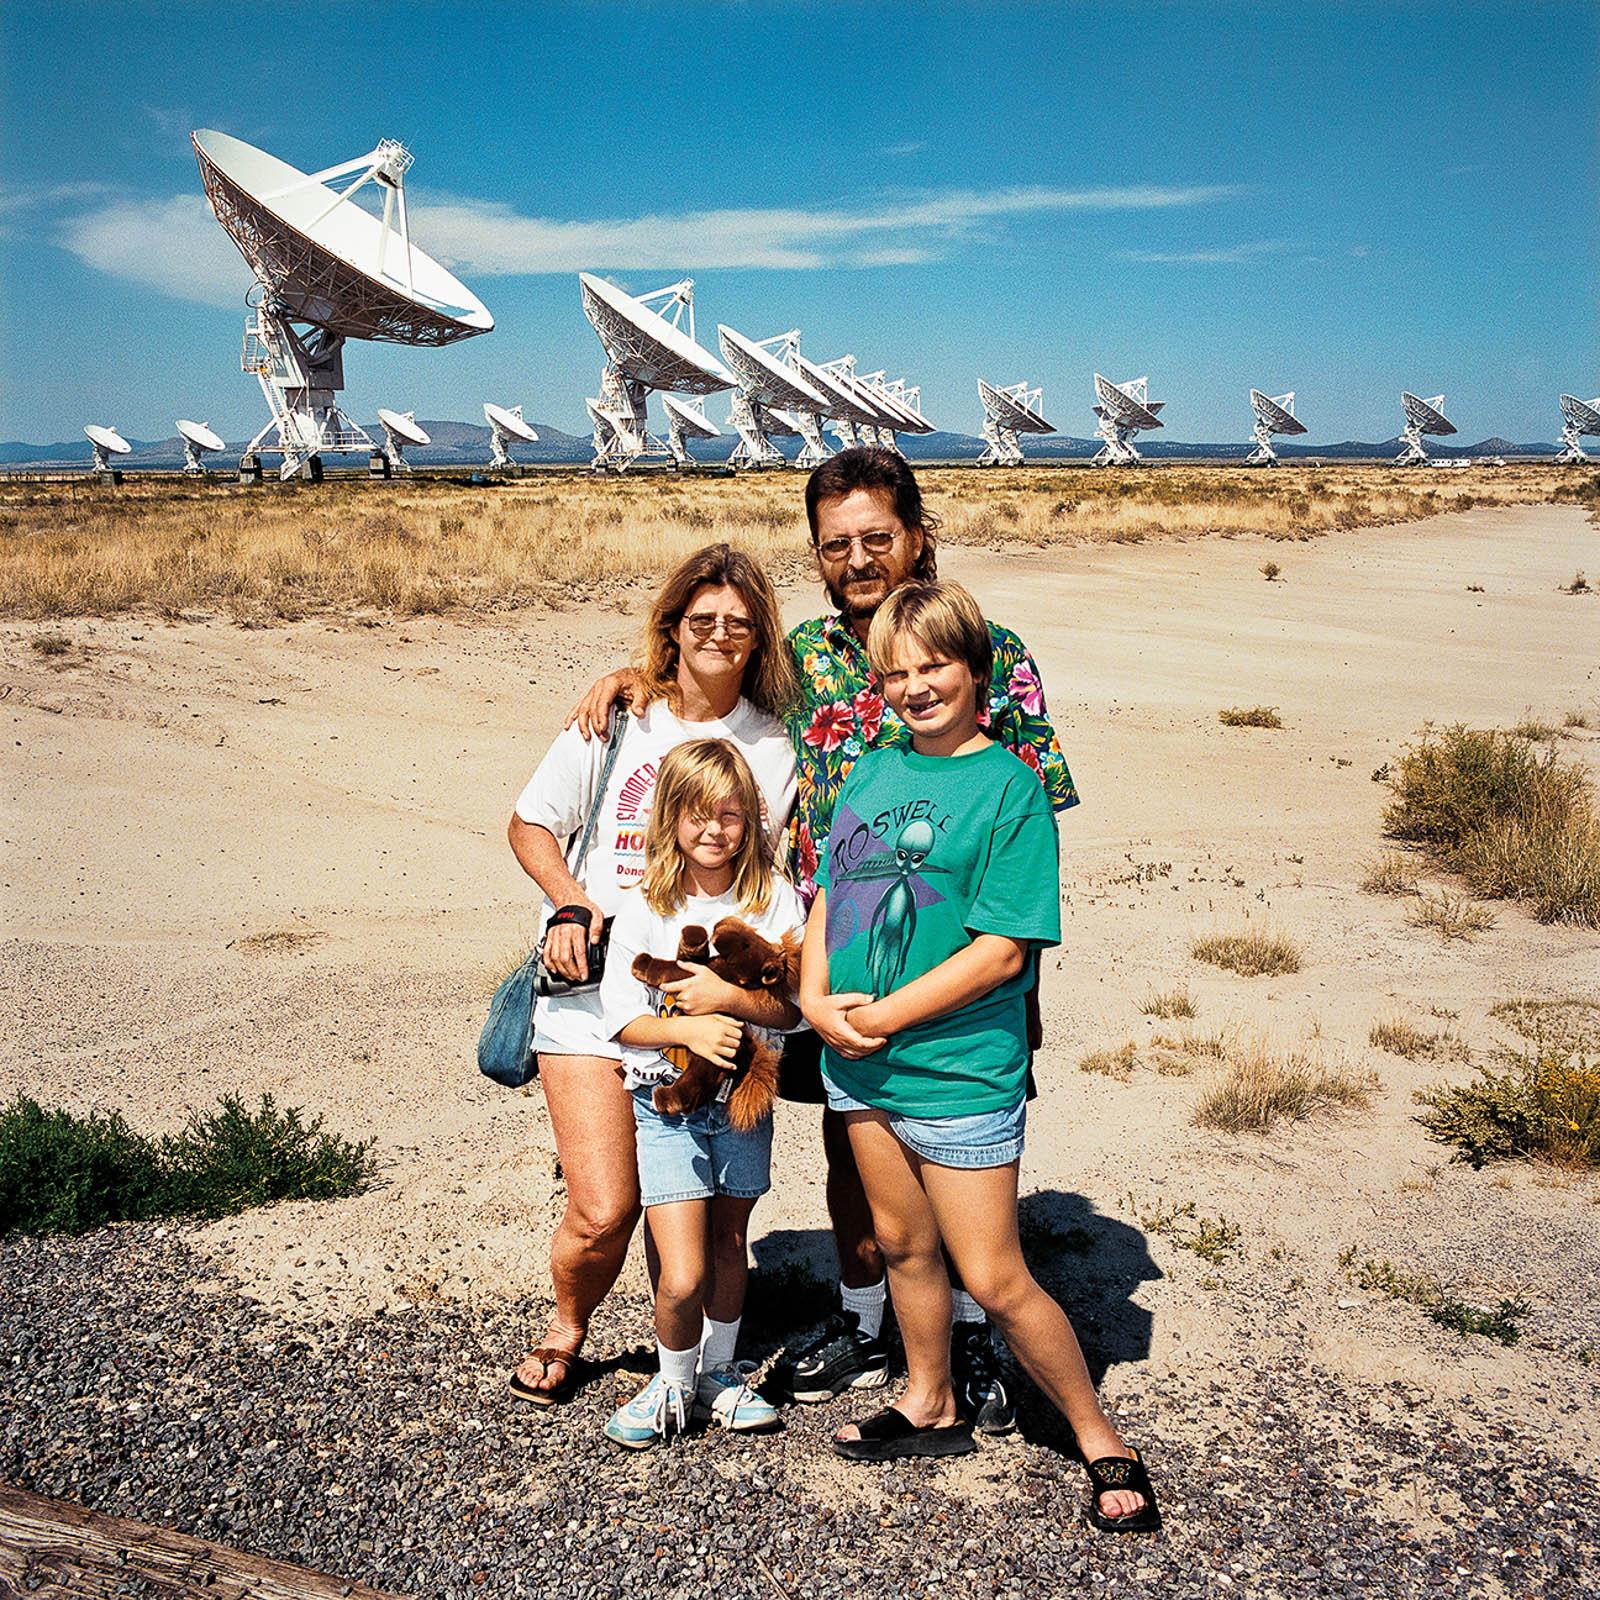 Family at Very Large Array Telescopes, New Mexico 2000